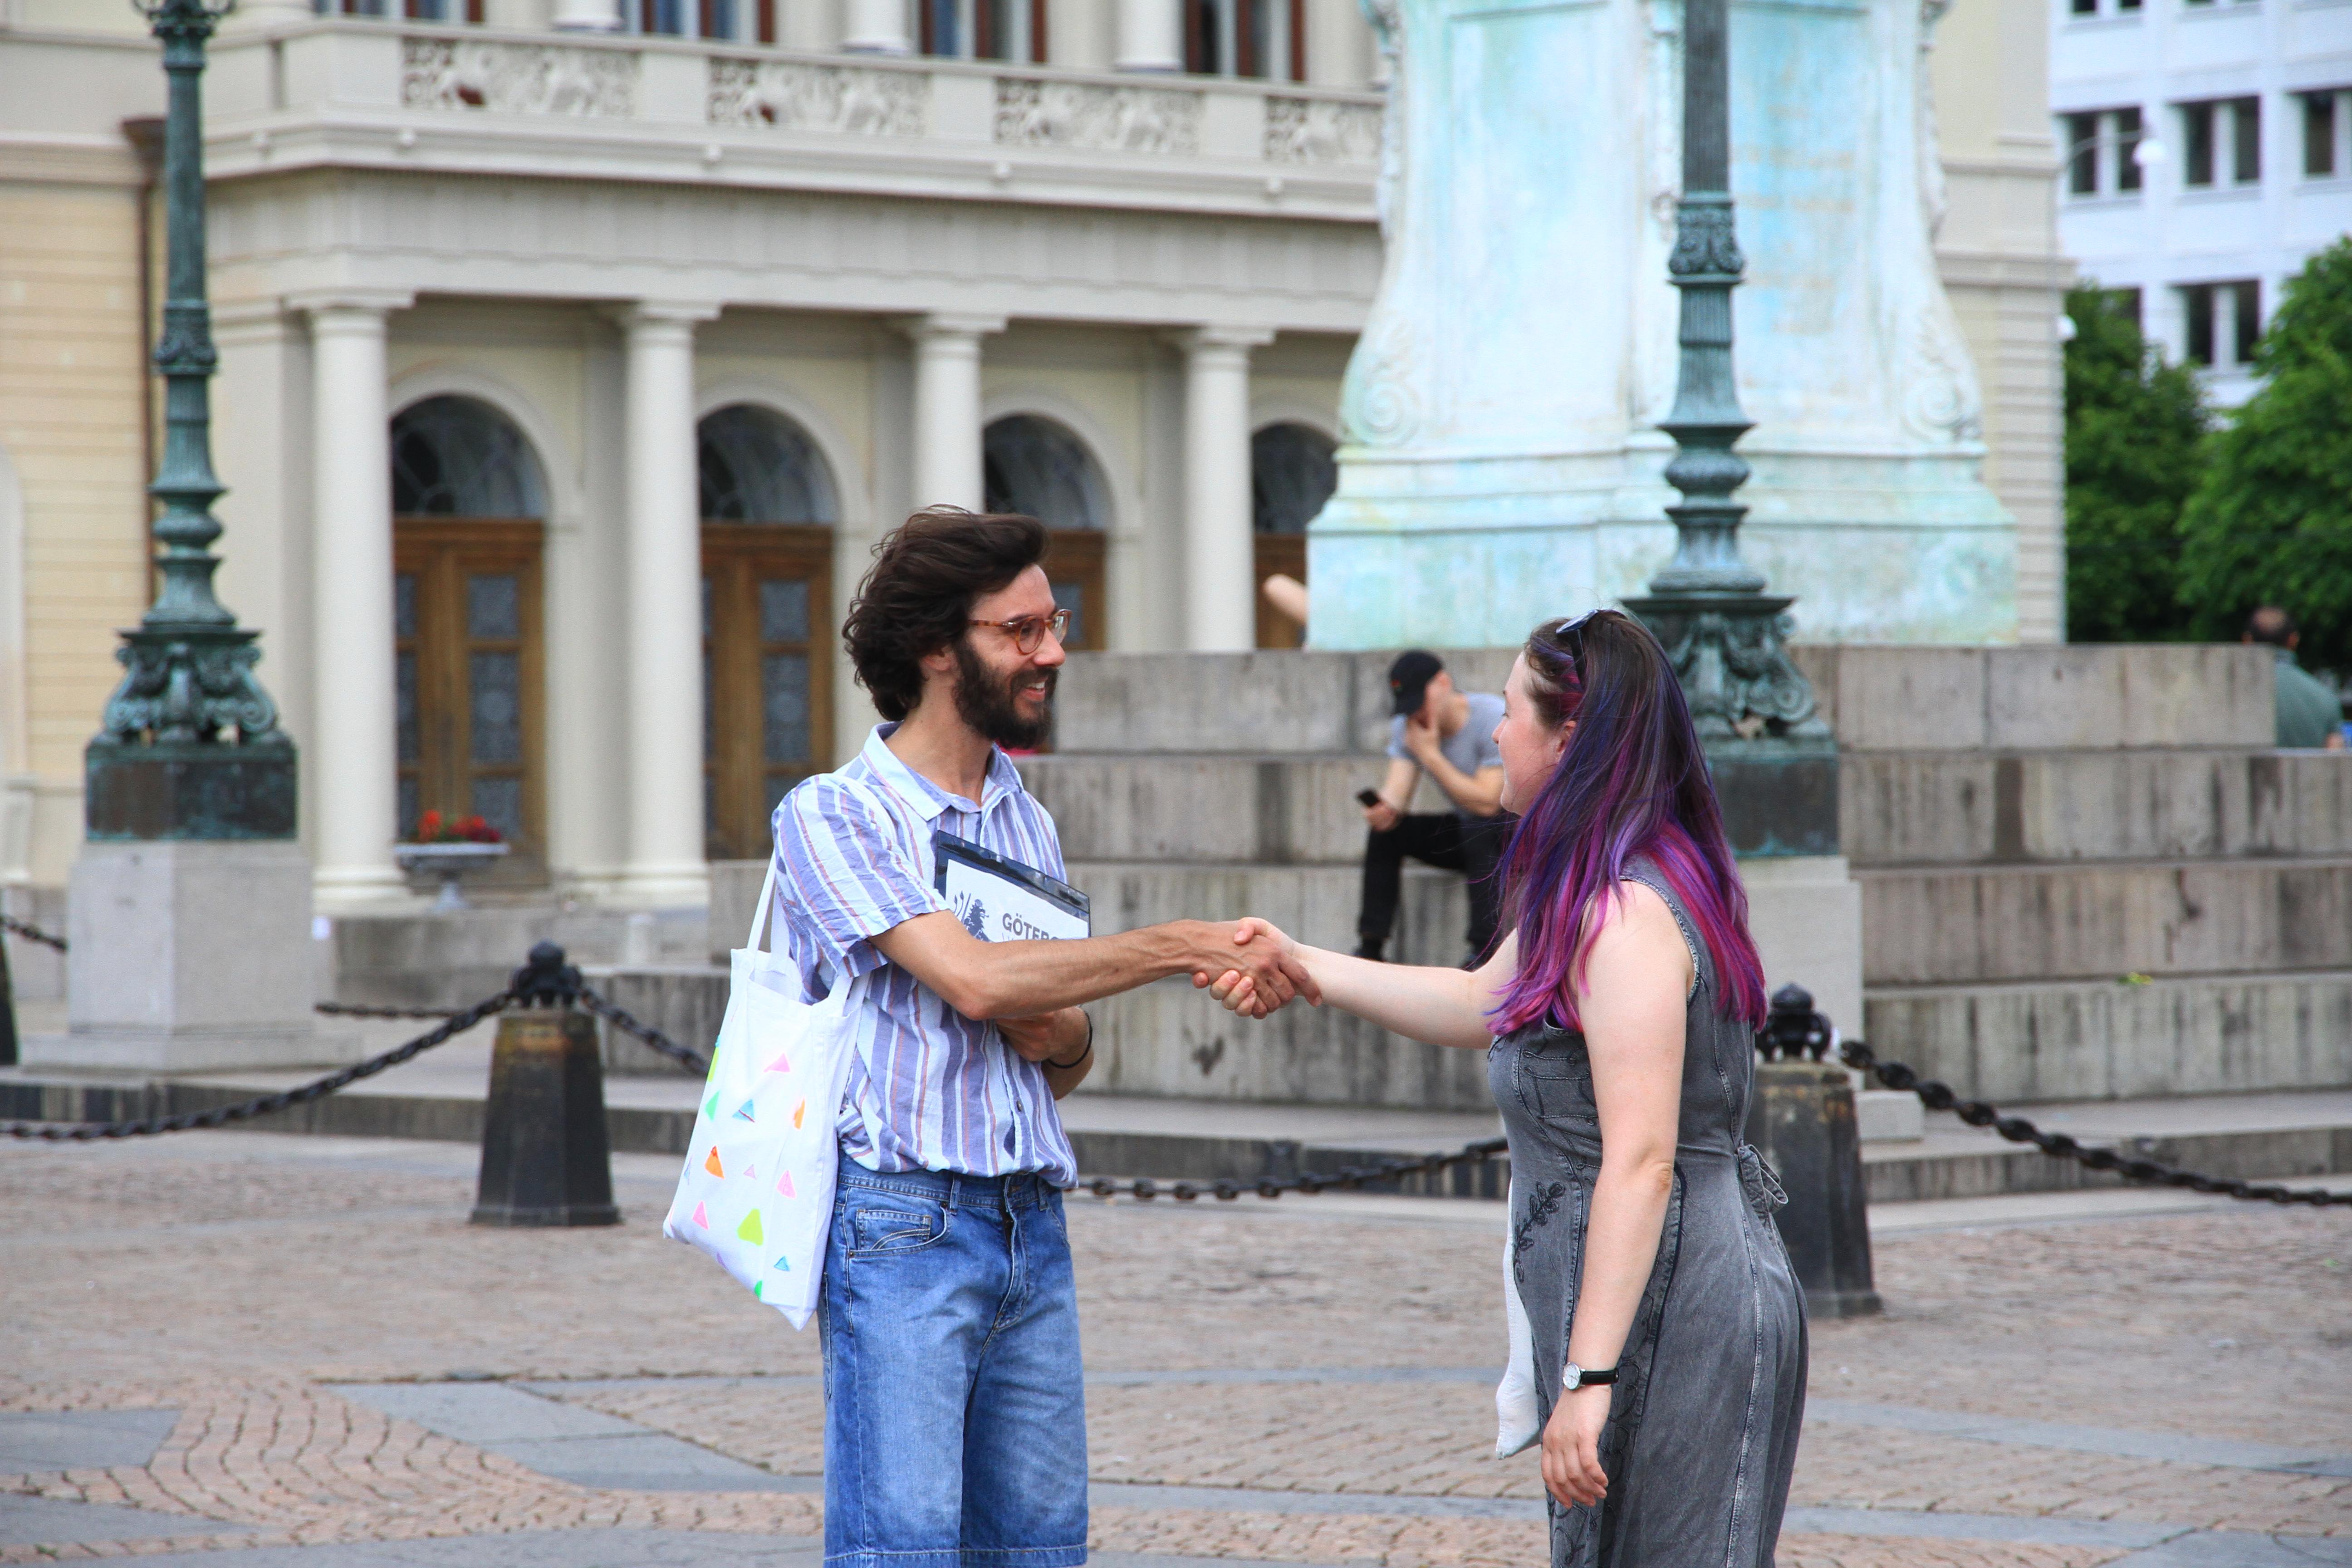 127、瑞典哥德堡:市政厅广场1